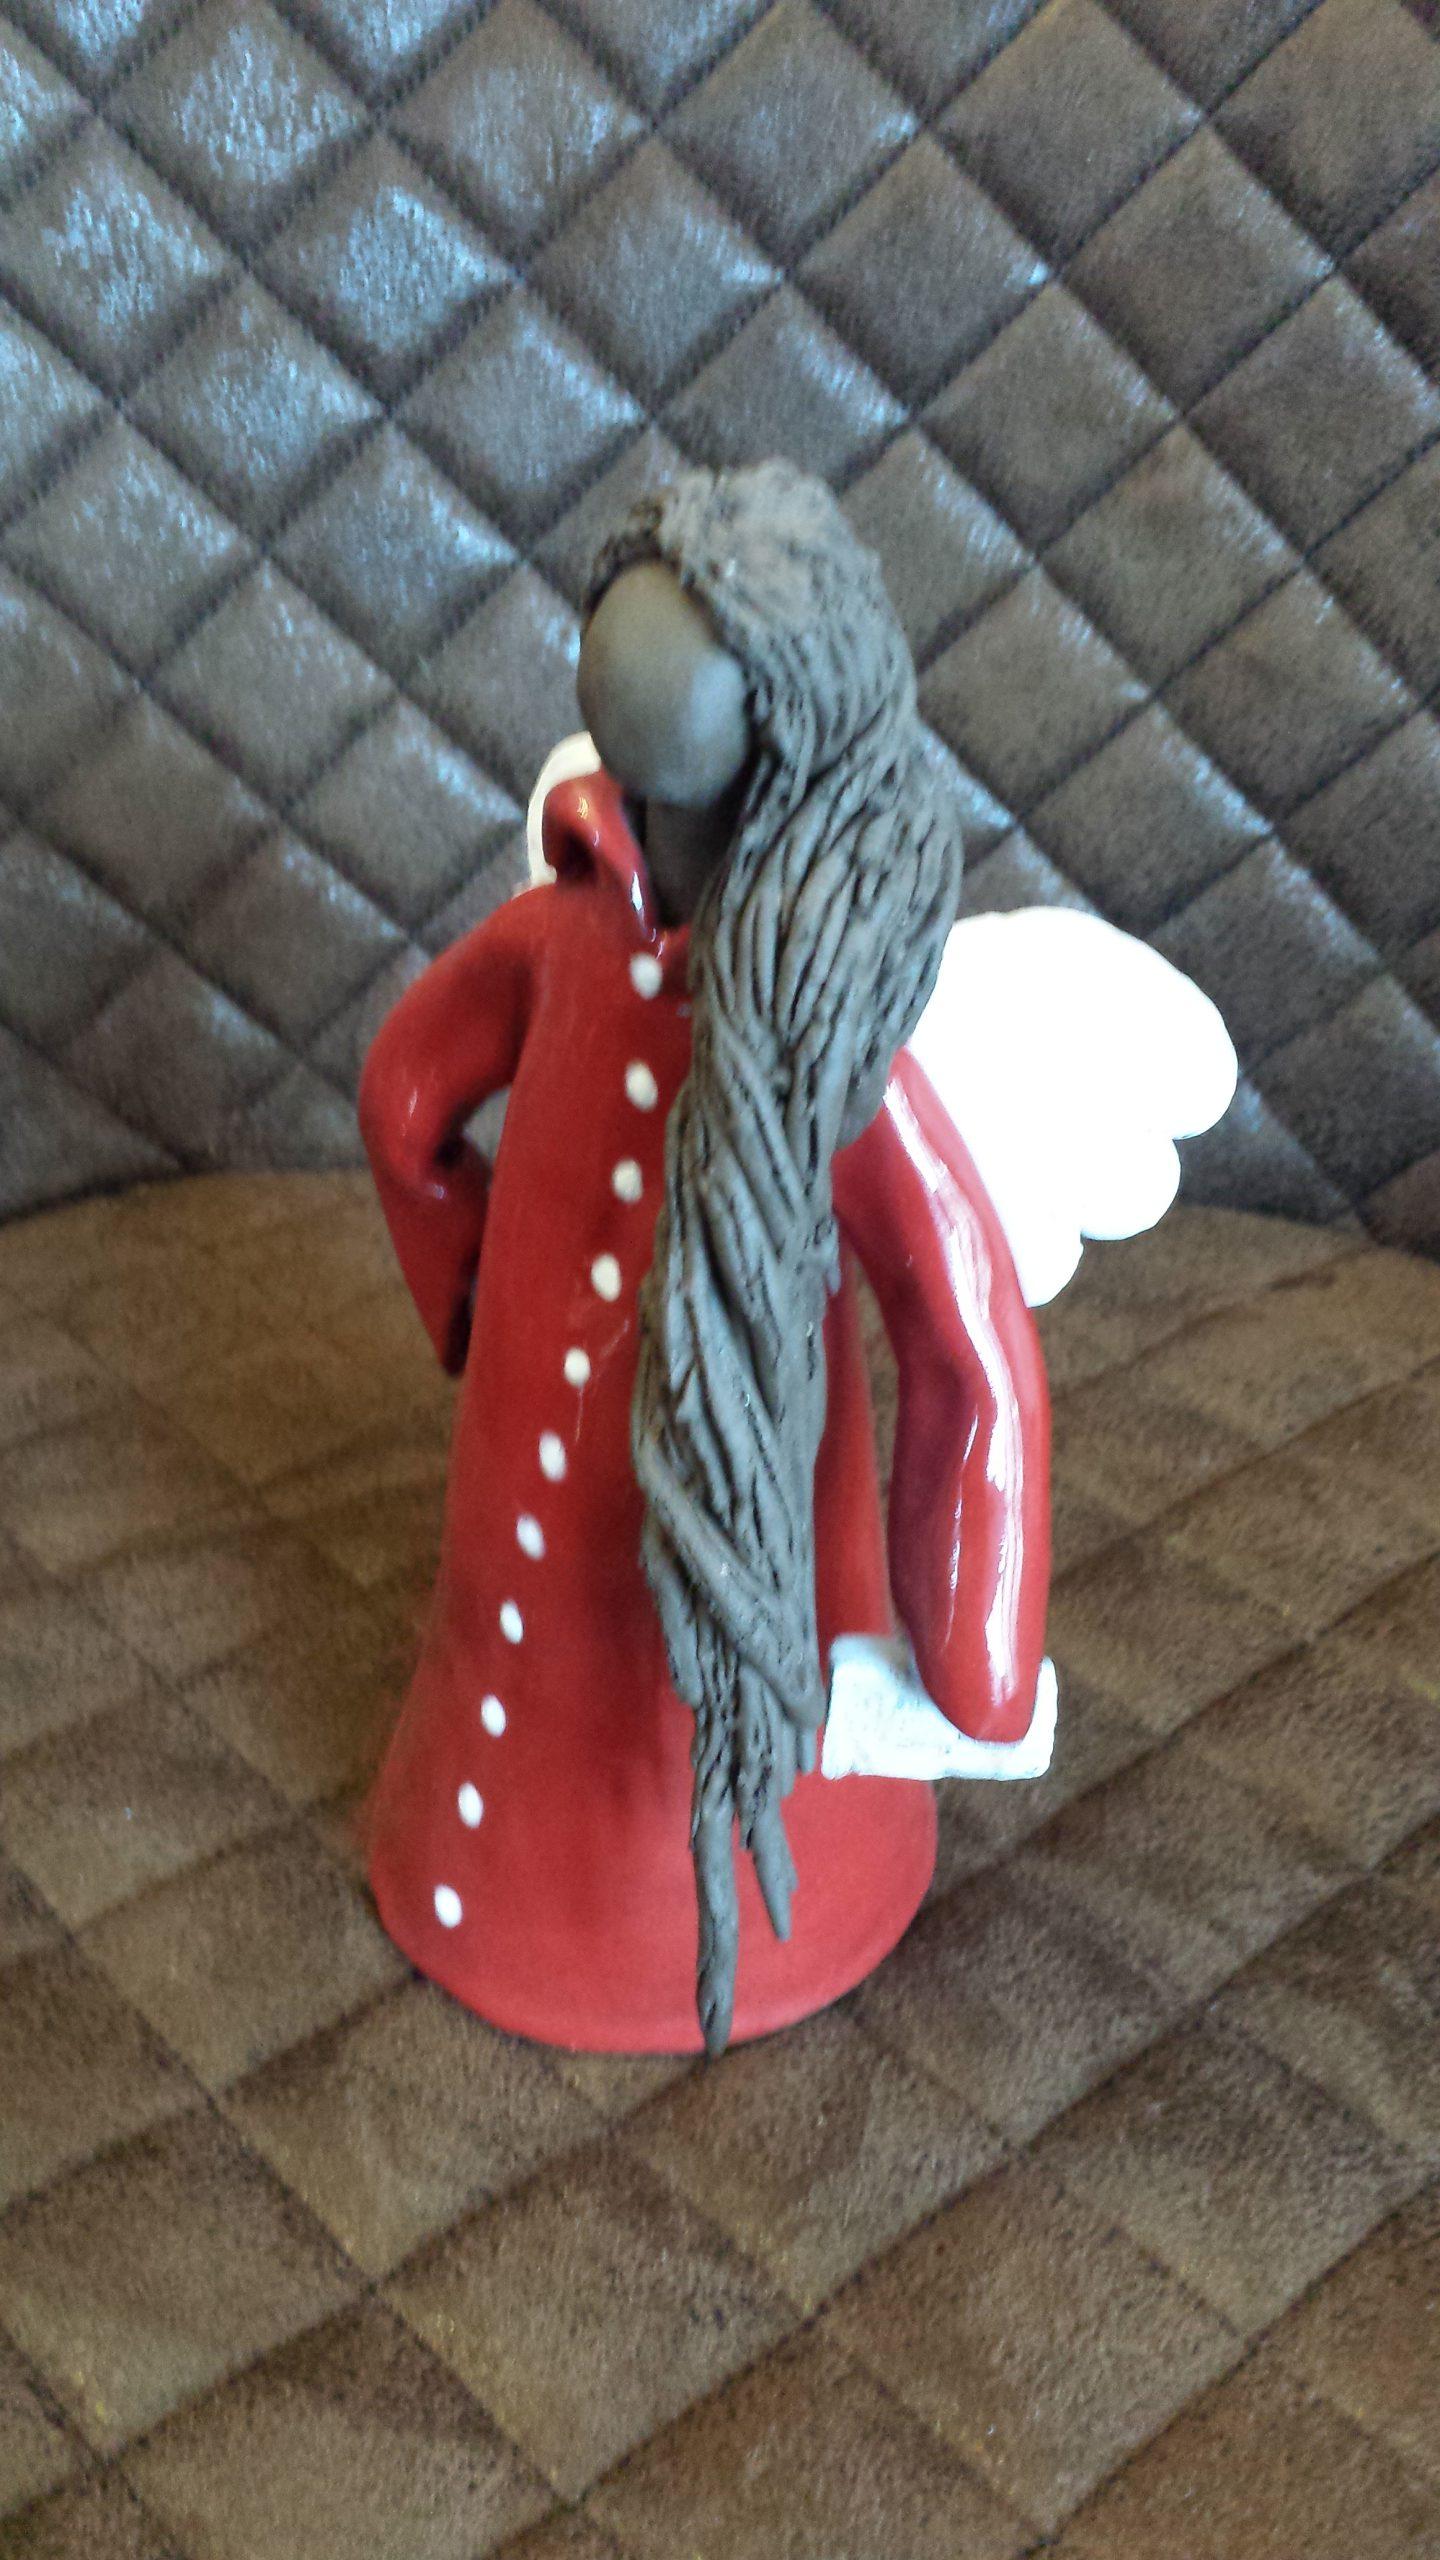 ein kleiner Engel der nicht nur zur Weihnachtszeit zum Frieden ermuntert, Augsburg,,KeraMik von Herz zu Herz